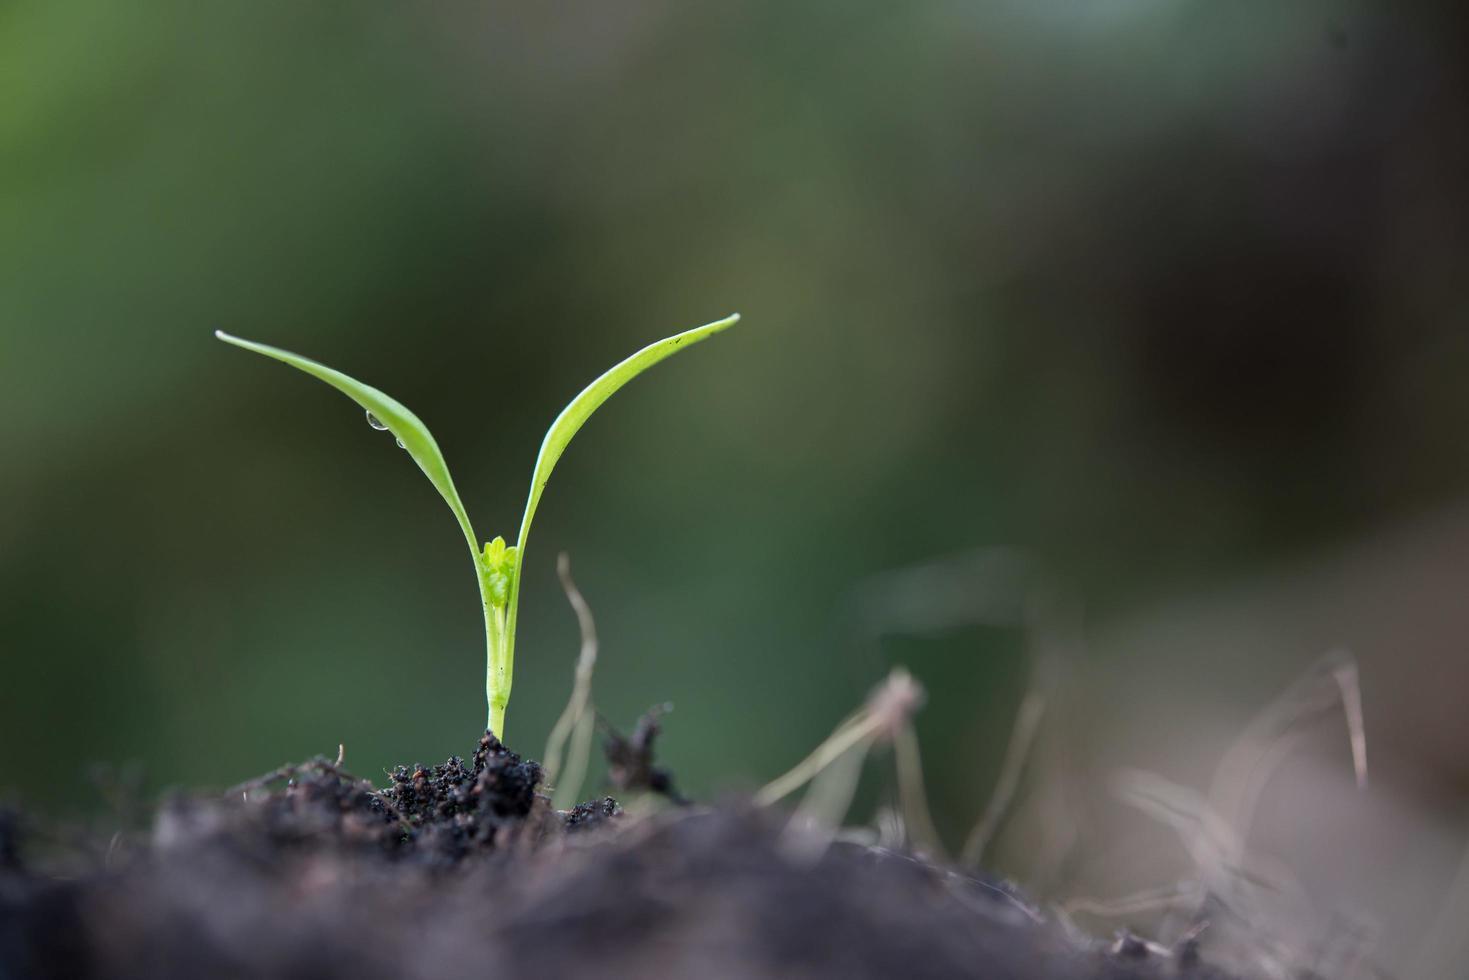 primo piano di un giovane germoglio in crescita foto